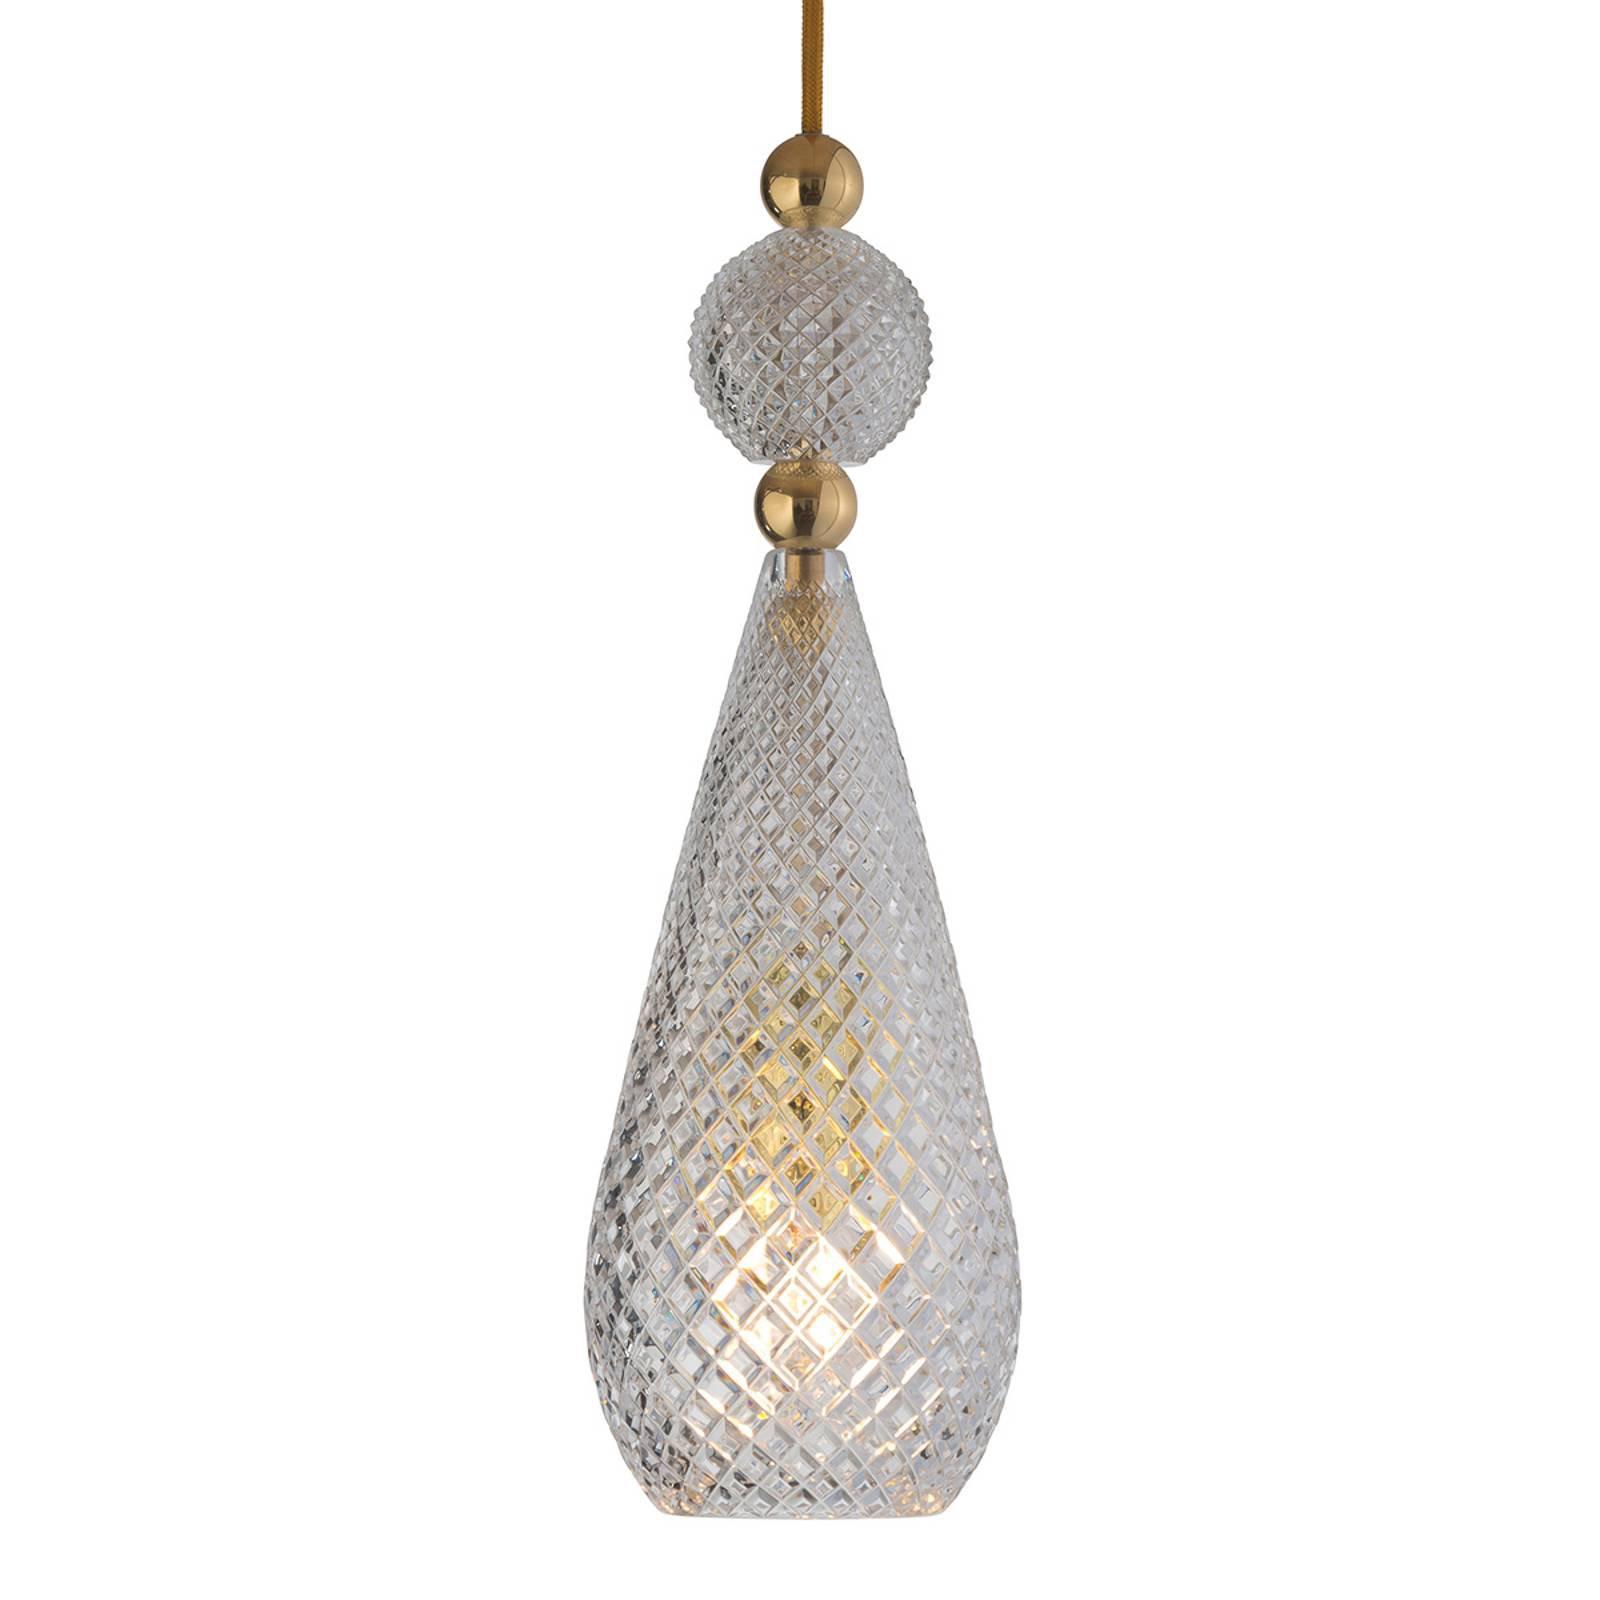 EBB & FLOW Smykke hengelampe gull, krystall